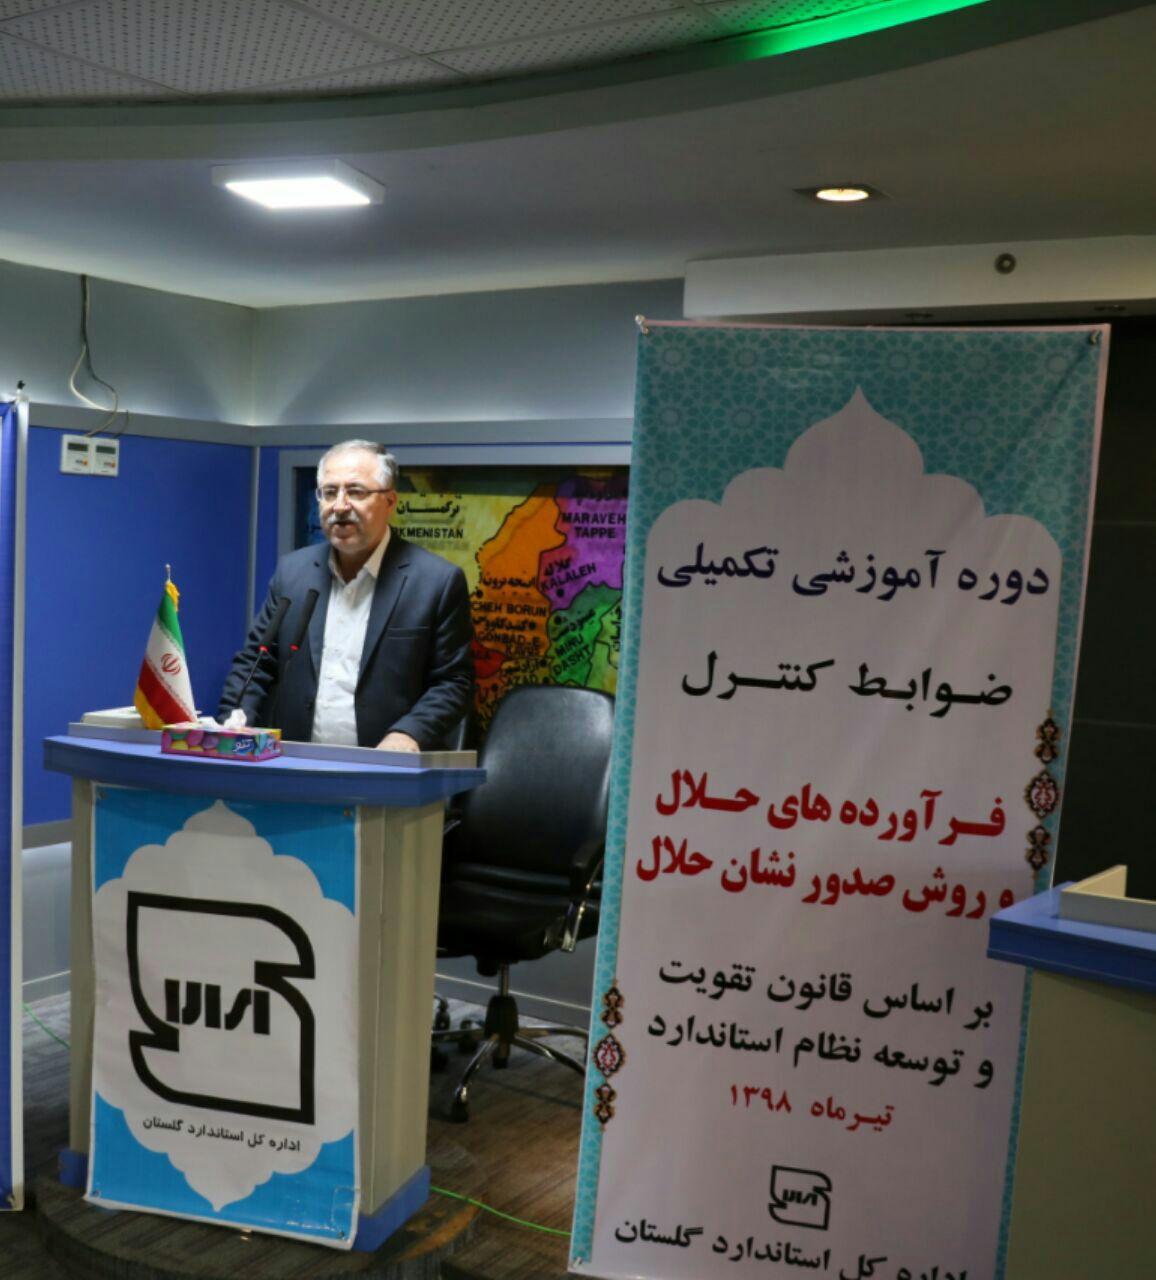 برگزاری همایش آموزشی استاندارد حلال در گلستان